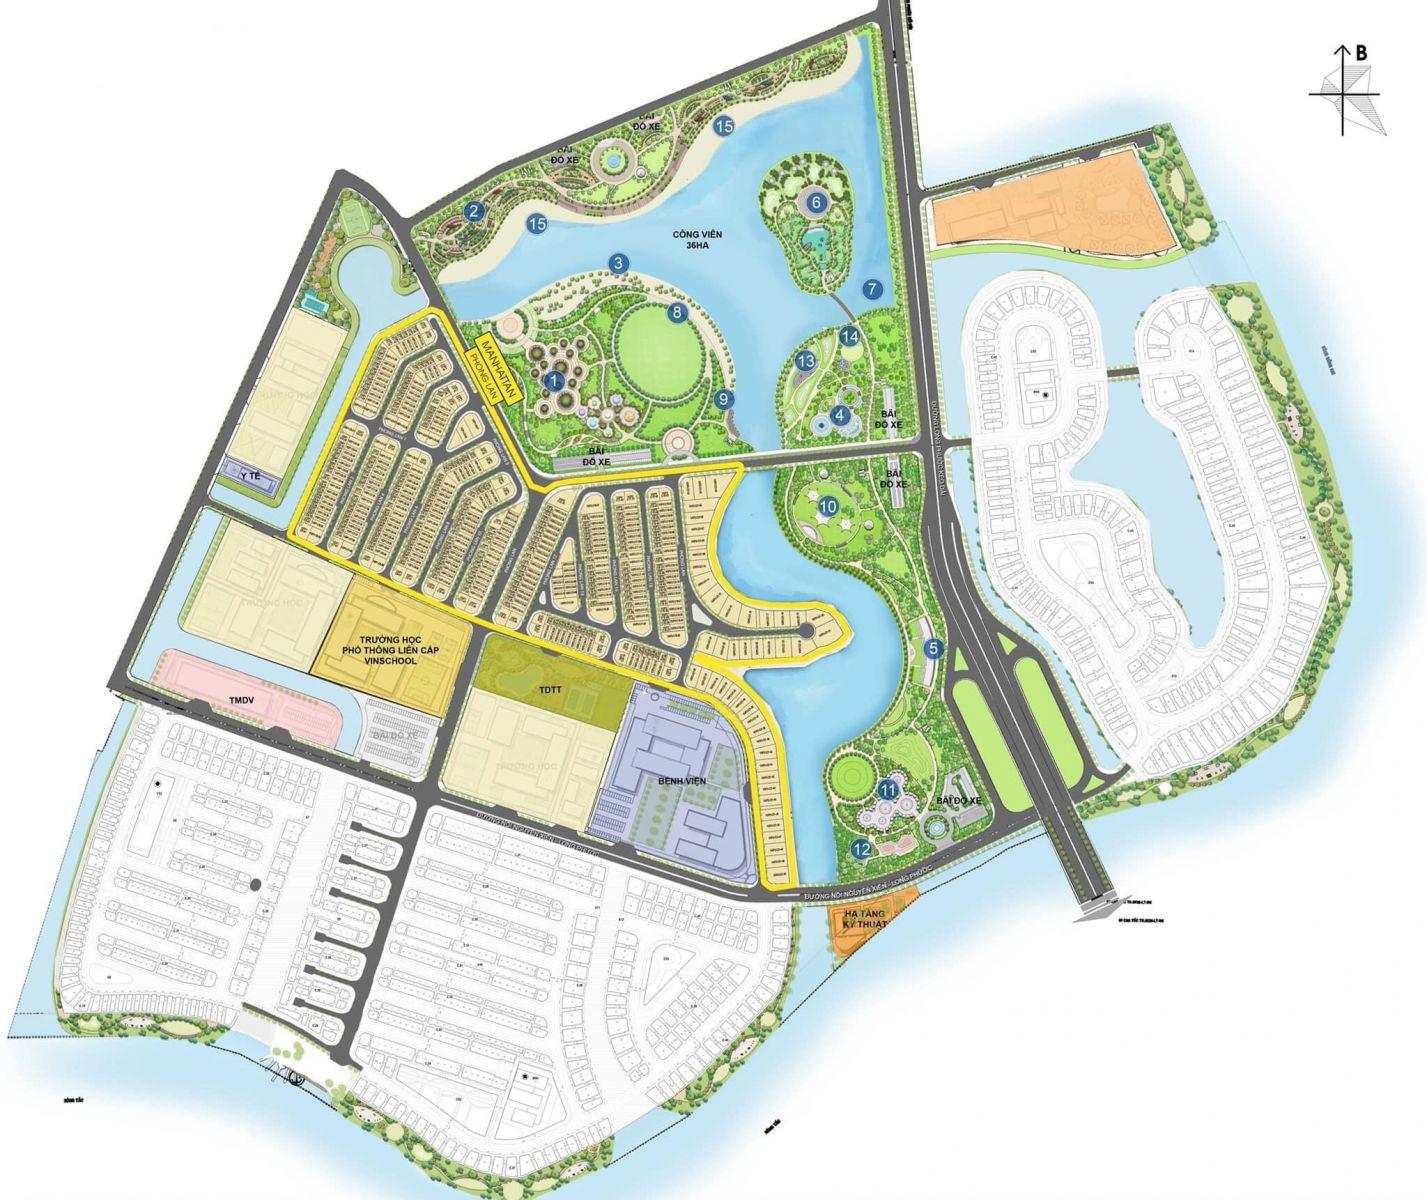 The Manhattan nằm tại vị trí trung tâm khu đô thị Vinhomes Grand Park liền kề trung tâm thương mại Vincom Mega Mall Grand Park và được ôm trọn bởi công viên 36 ha.